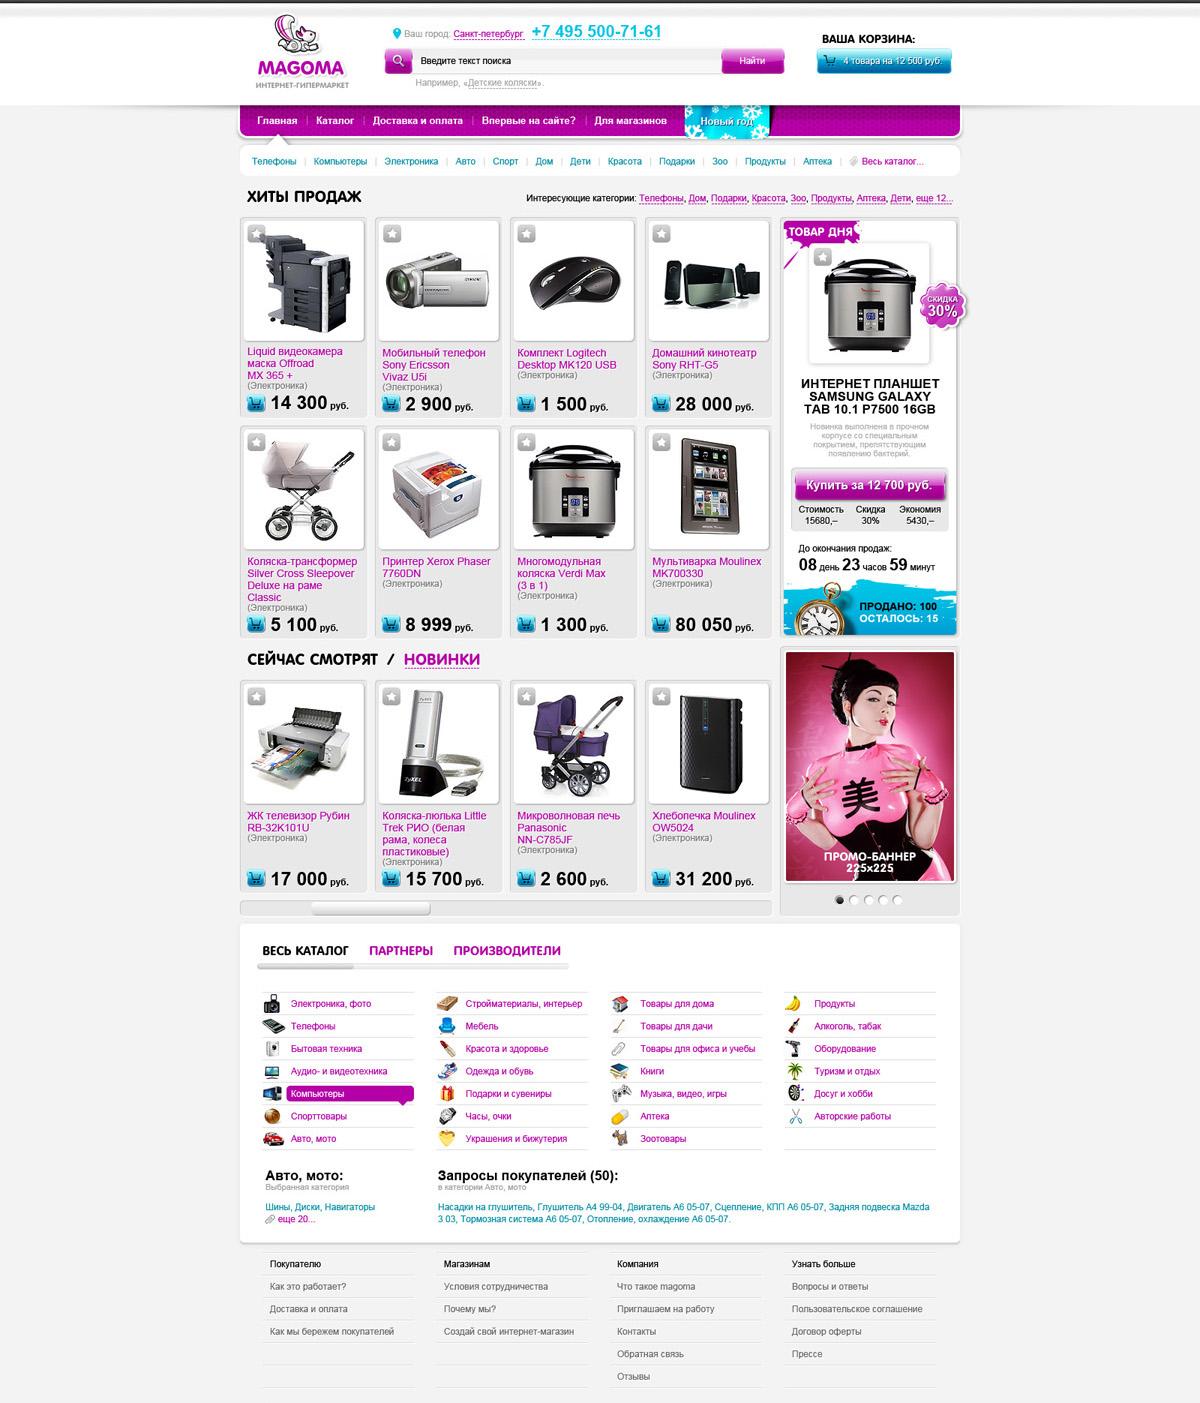 <p>Одним из самых интересных текущих проектов компании Optimizoff является создание и продвижение интернет магазина magoma.ru. Это большой интернет супермаркет, предлагающий клиентам товары любой категории.</p>